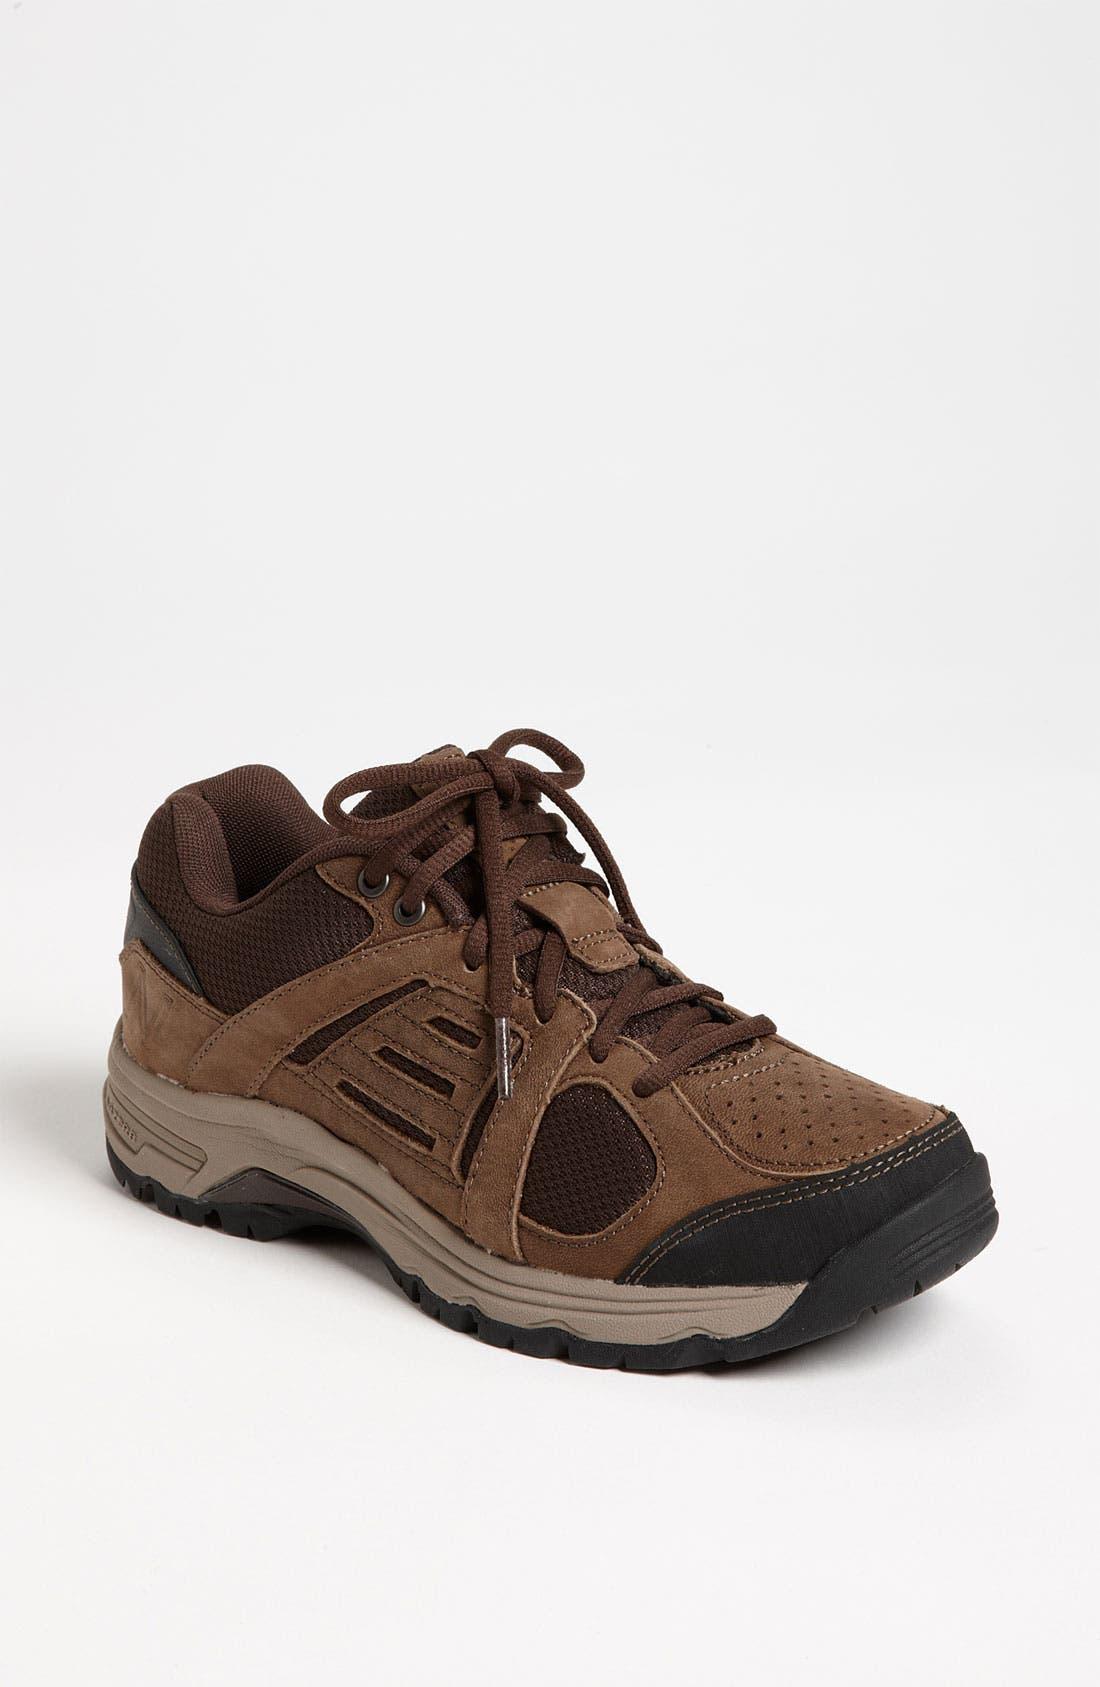 Main Image - New Balance '959' Walking Shoe (Women)